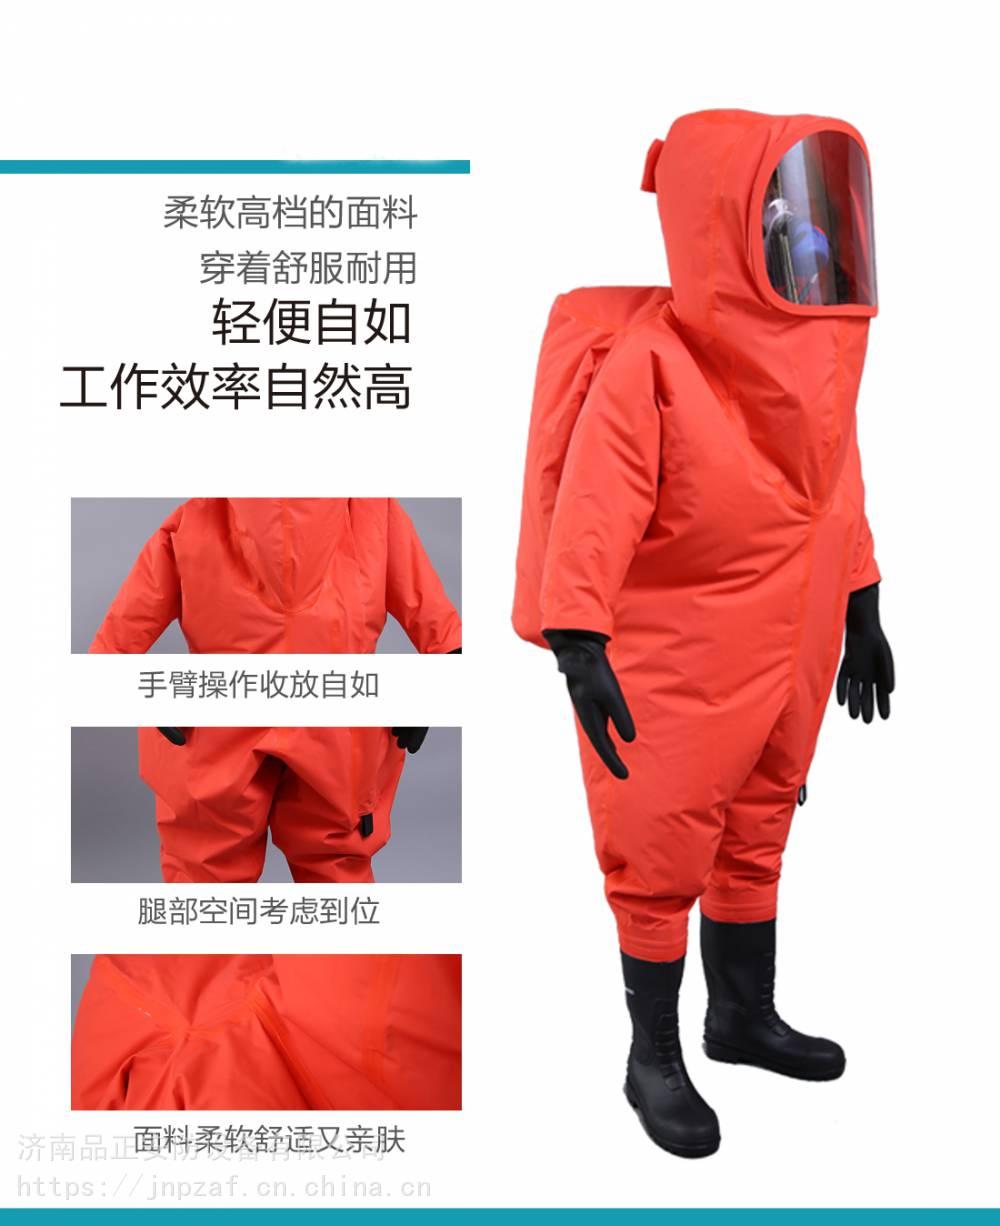 厂家销售耐酸碱重型防化服JNPZ-003B 济南品正 阻燃服